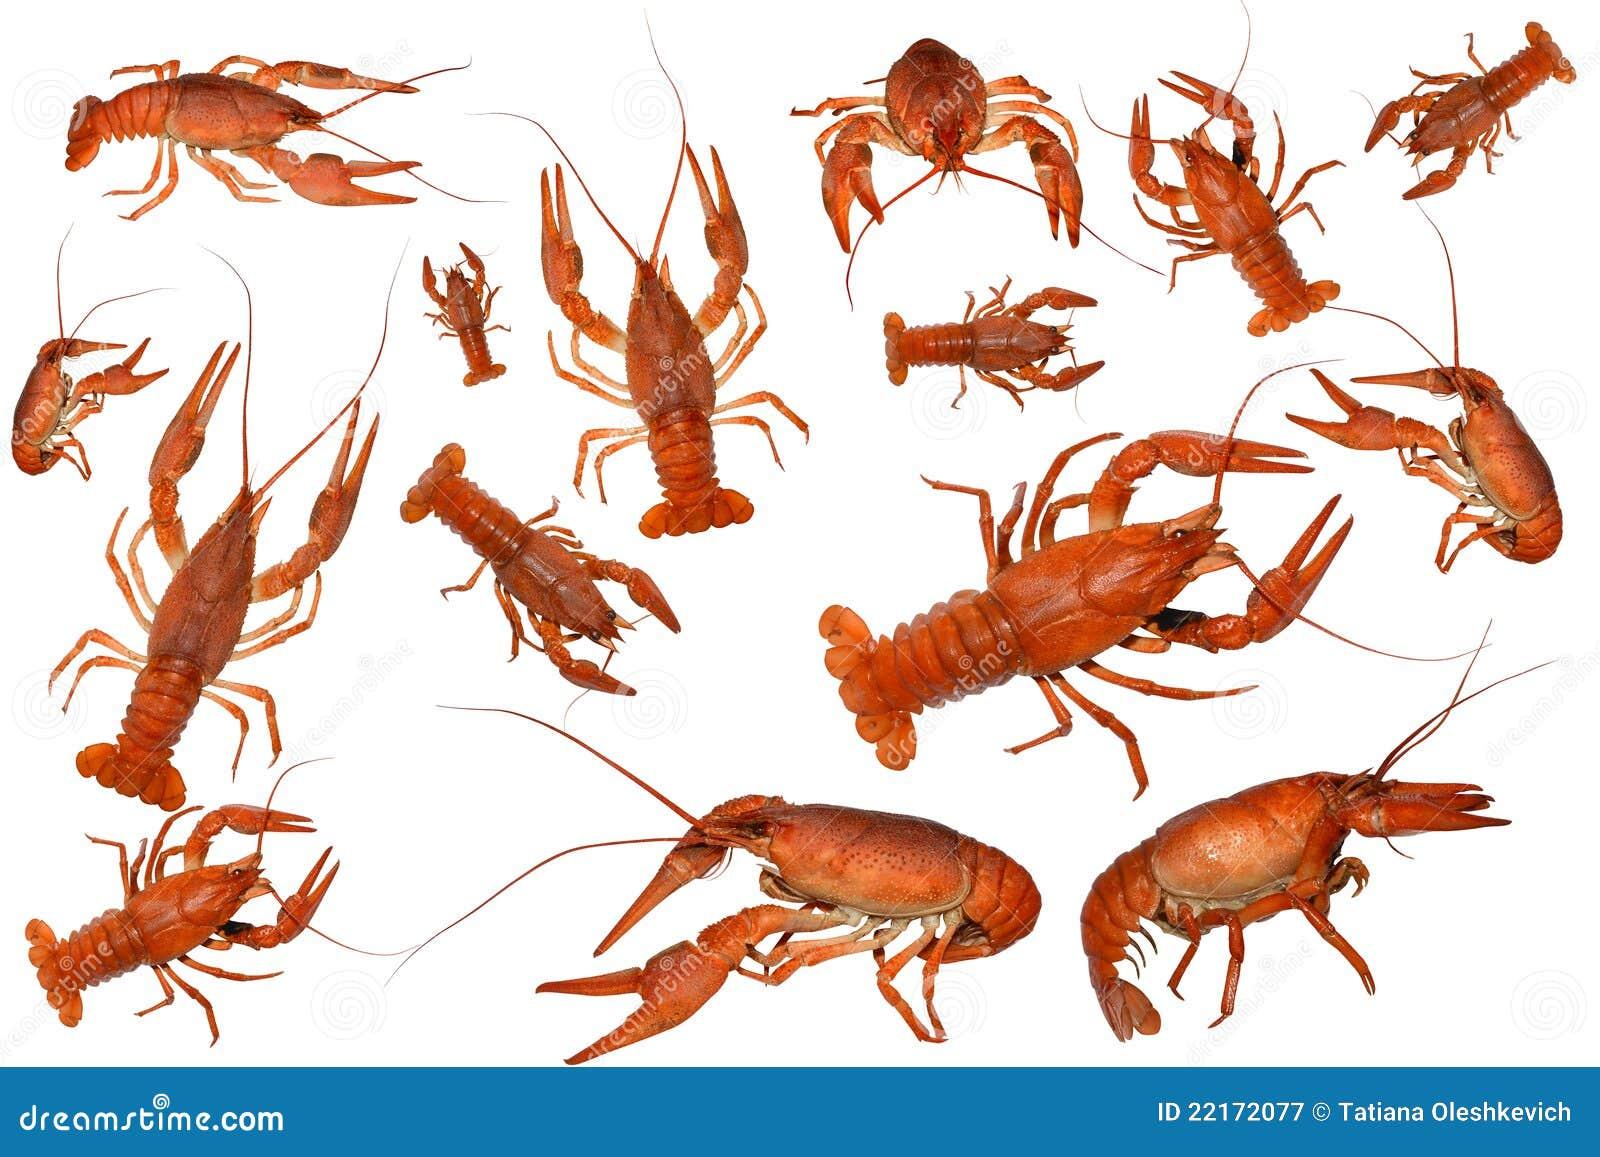 Boiled crawfish isolated stock image. Image of claw, crayfish - 22172077